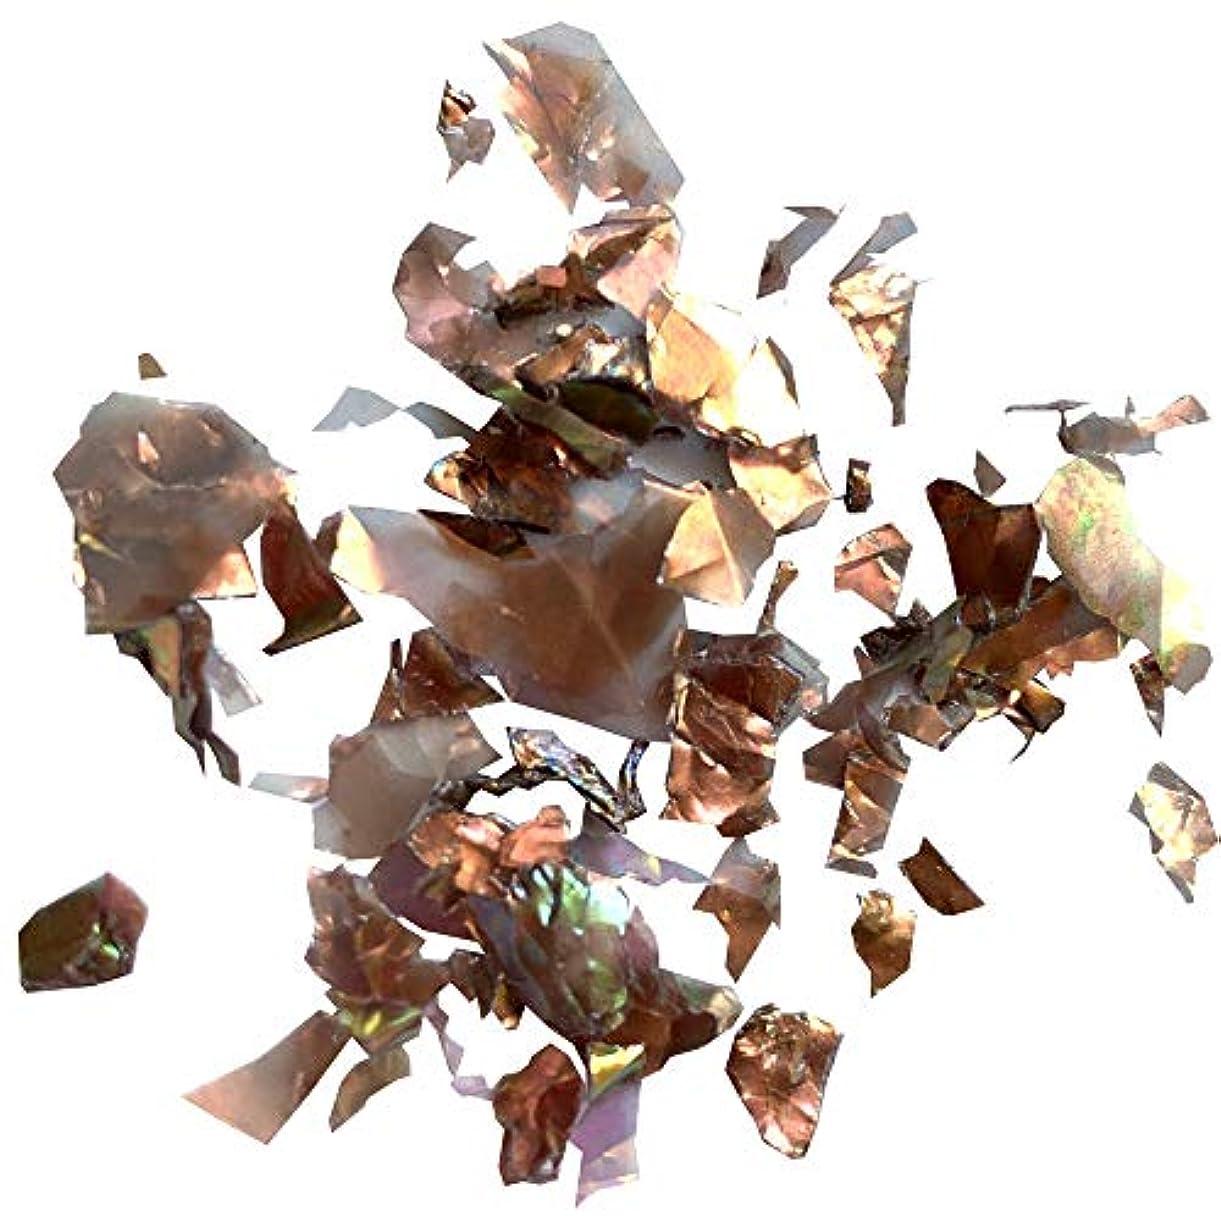 逃すゲートウェイガスCharlon(シャルロン) Charlon アンティークホロ 乱切り 0.4g